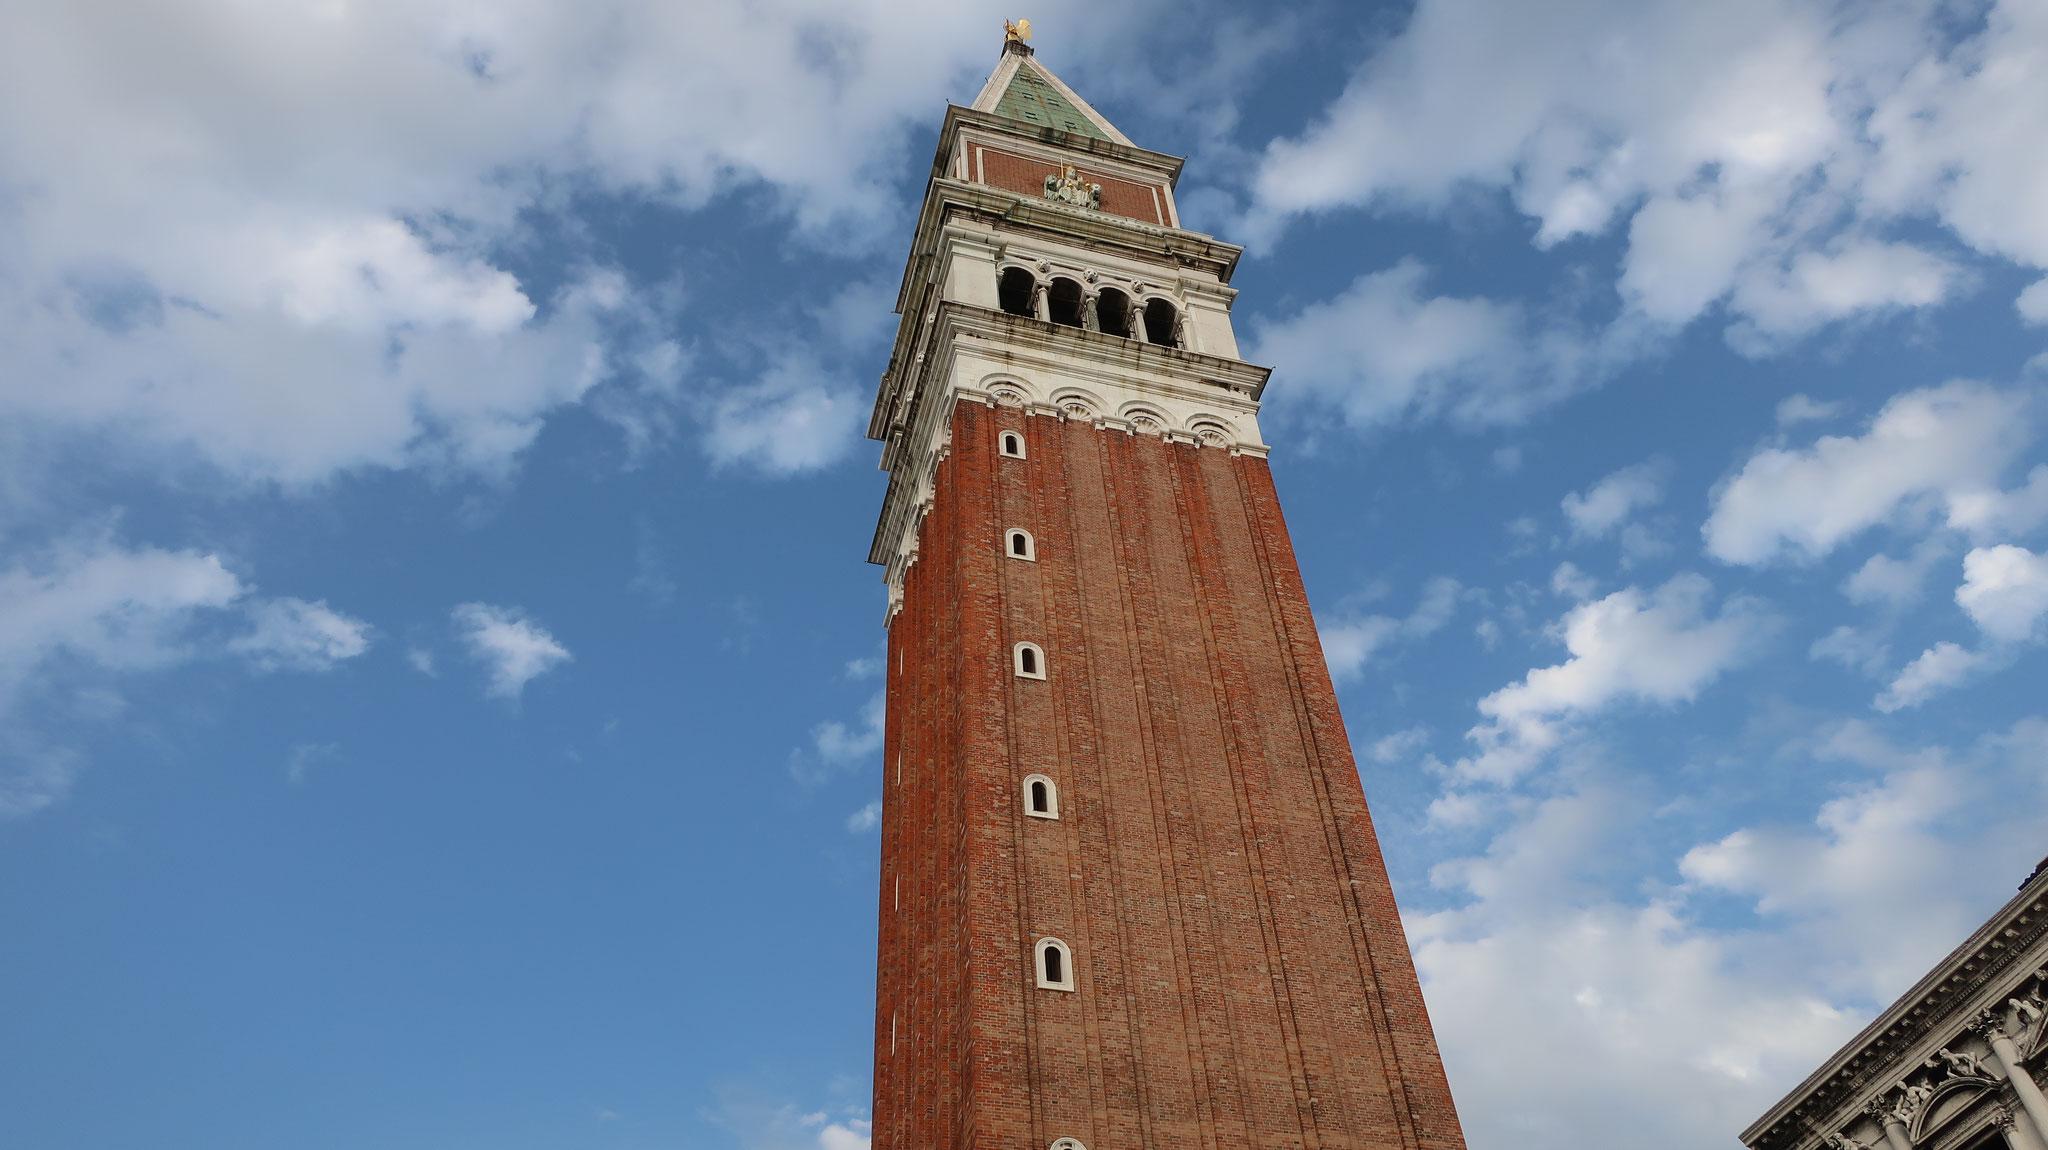 青空に映える鐘楼。